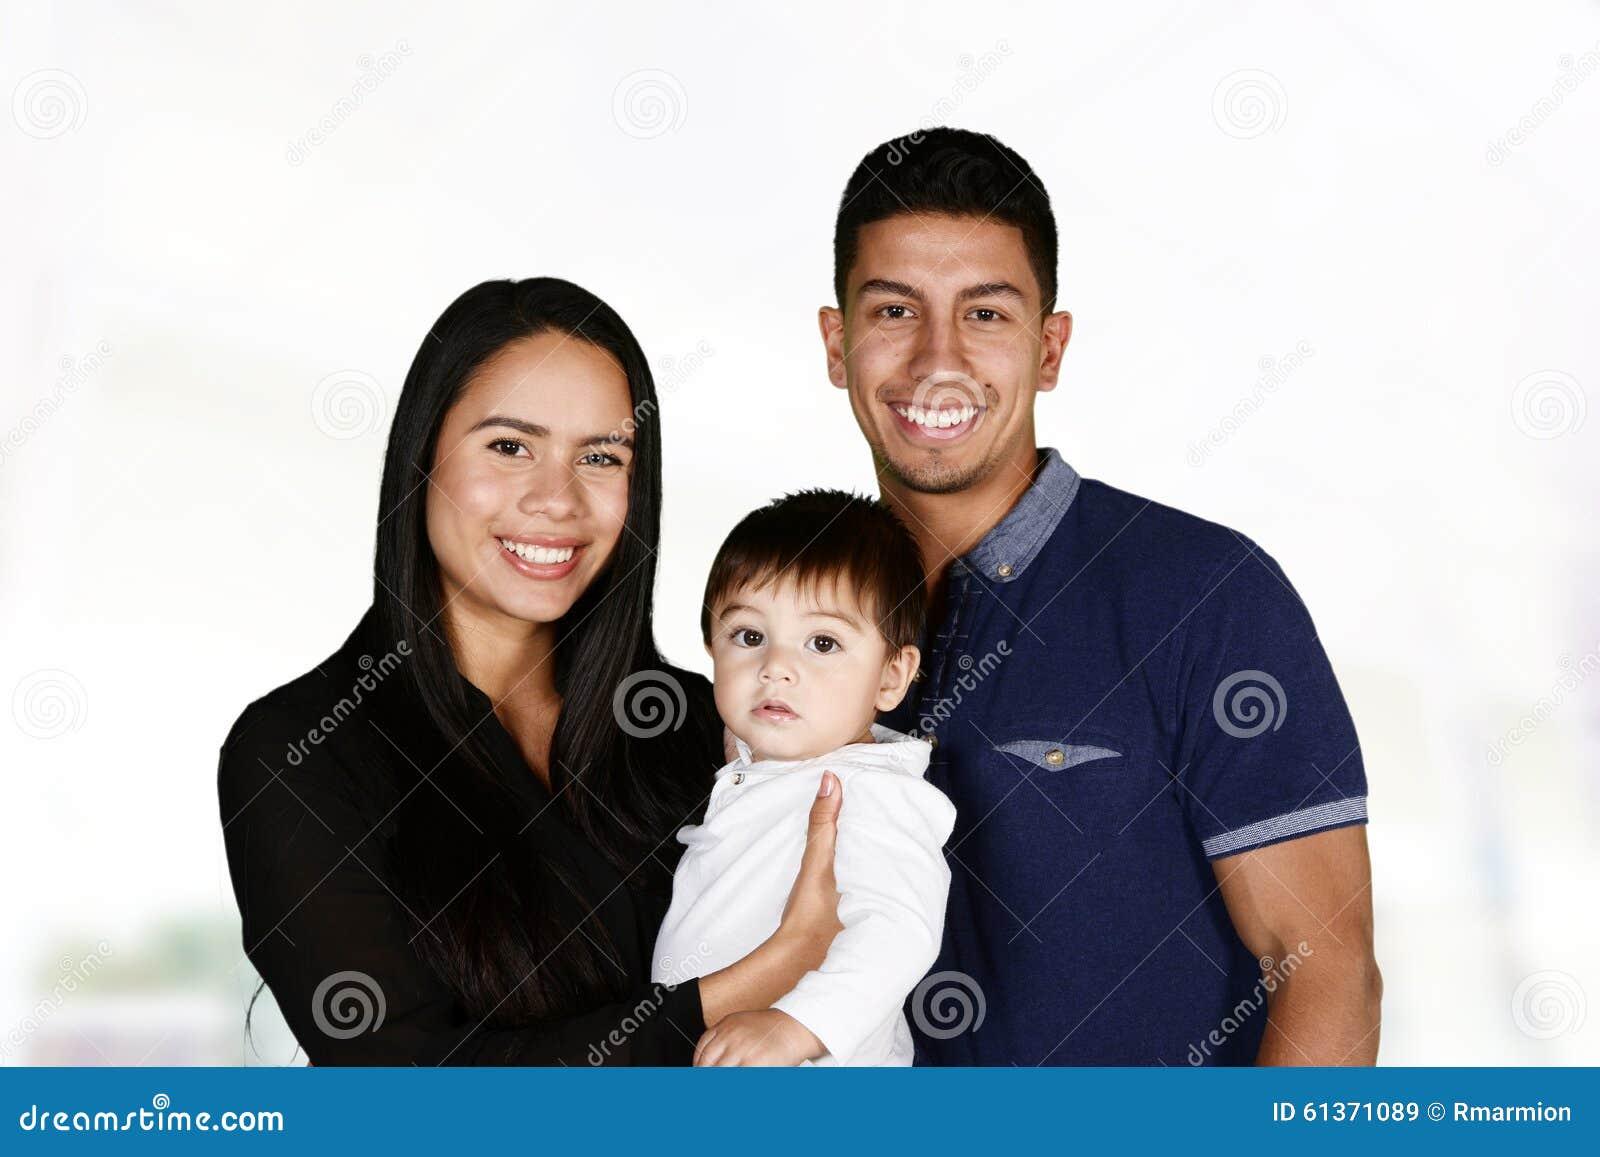 Hispanic family together stock photo image 61371089